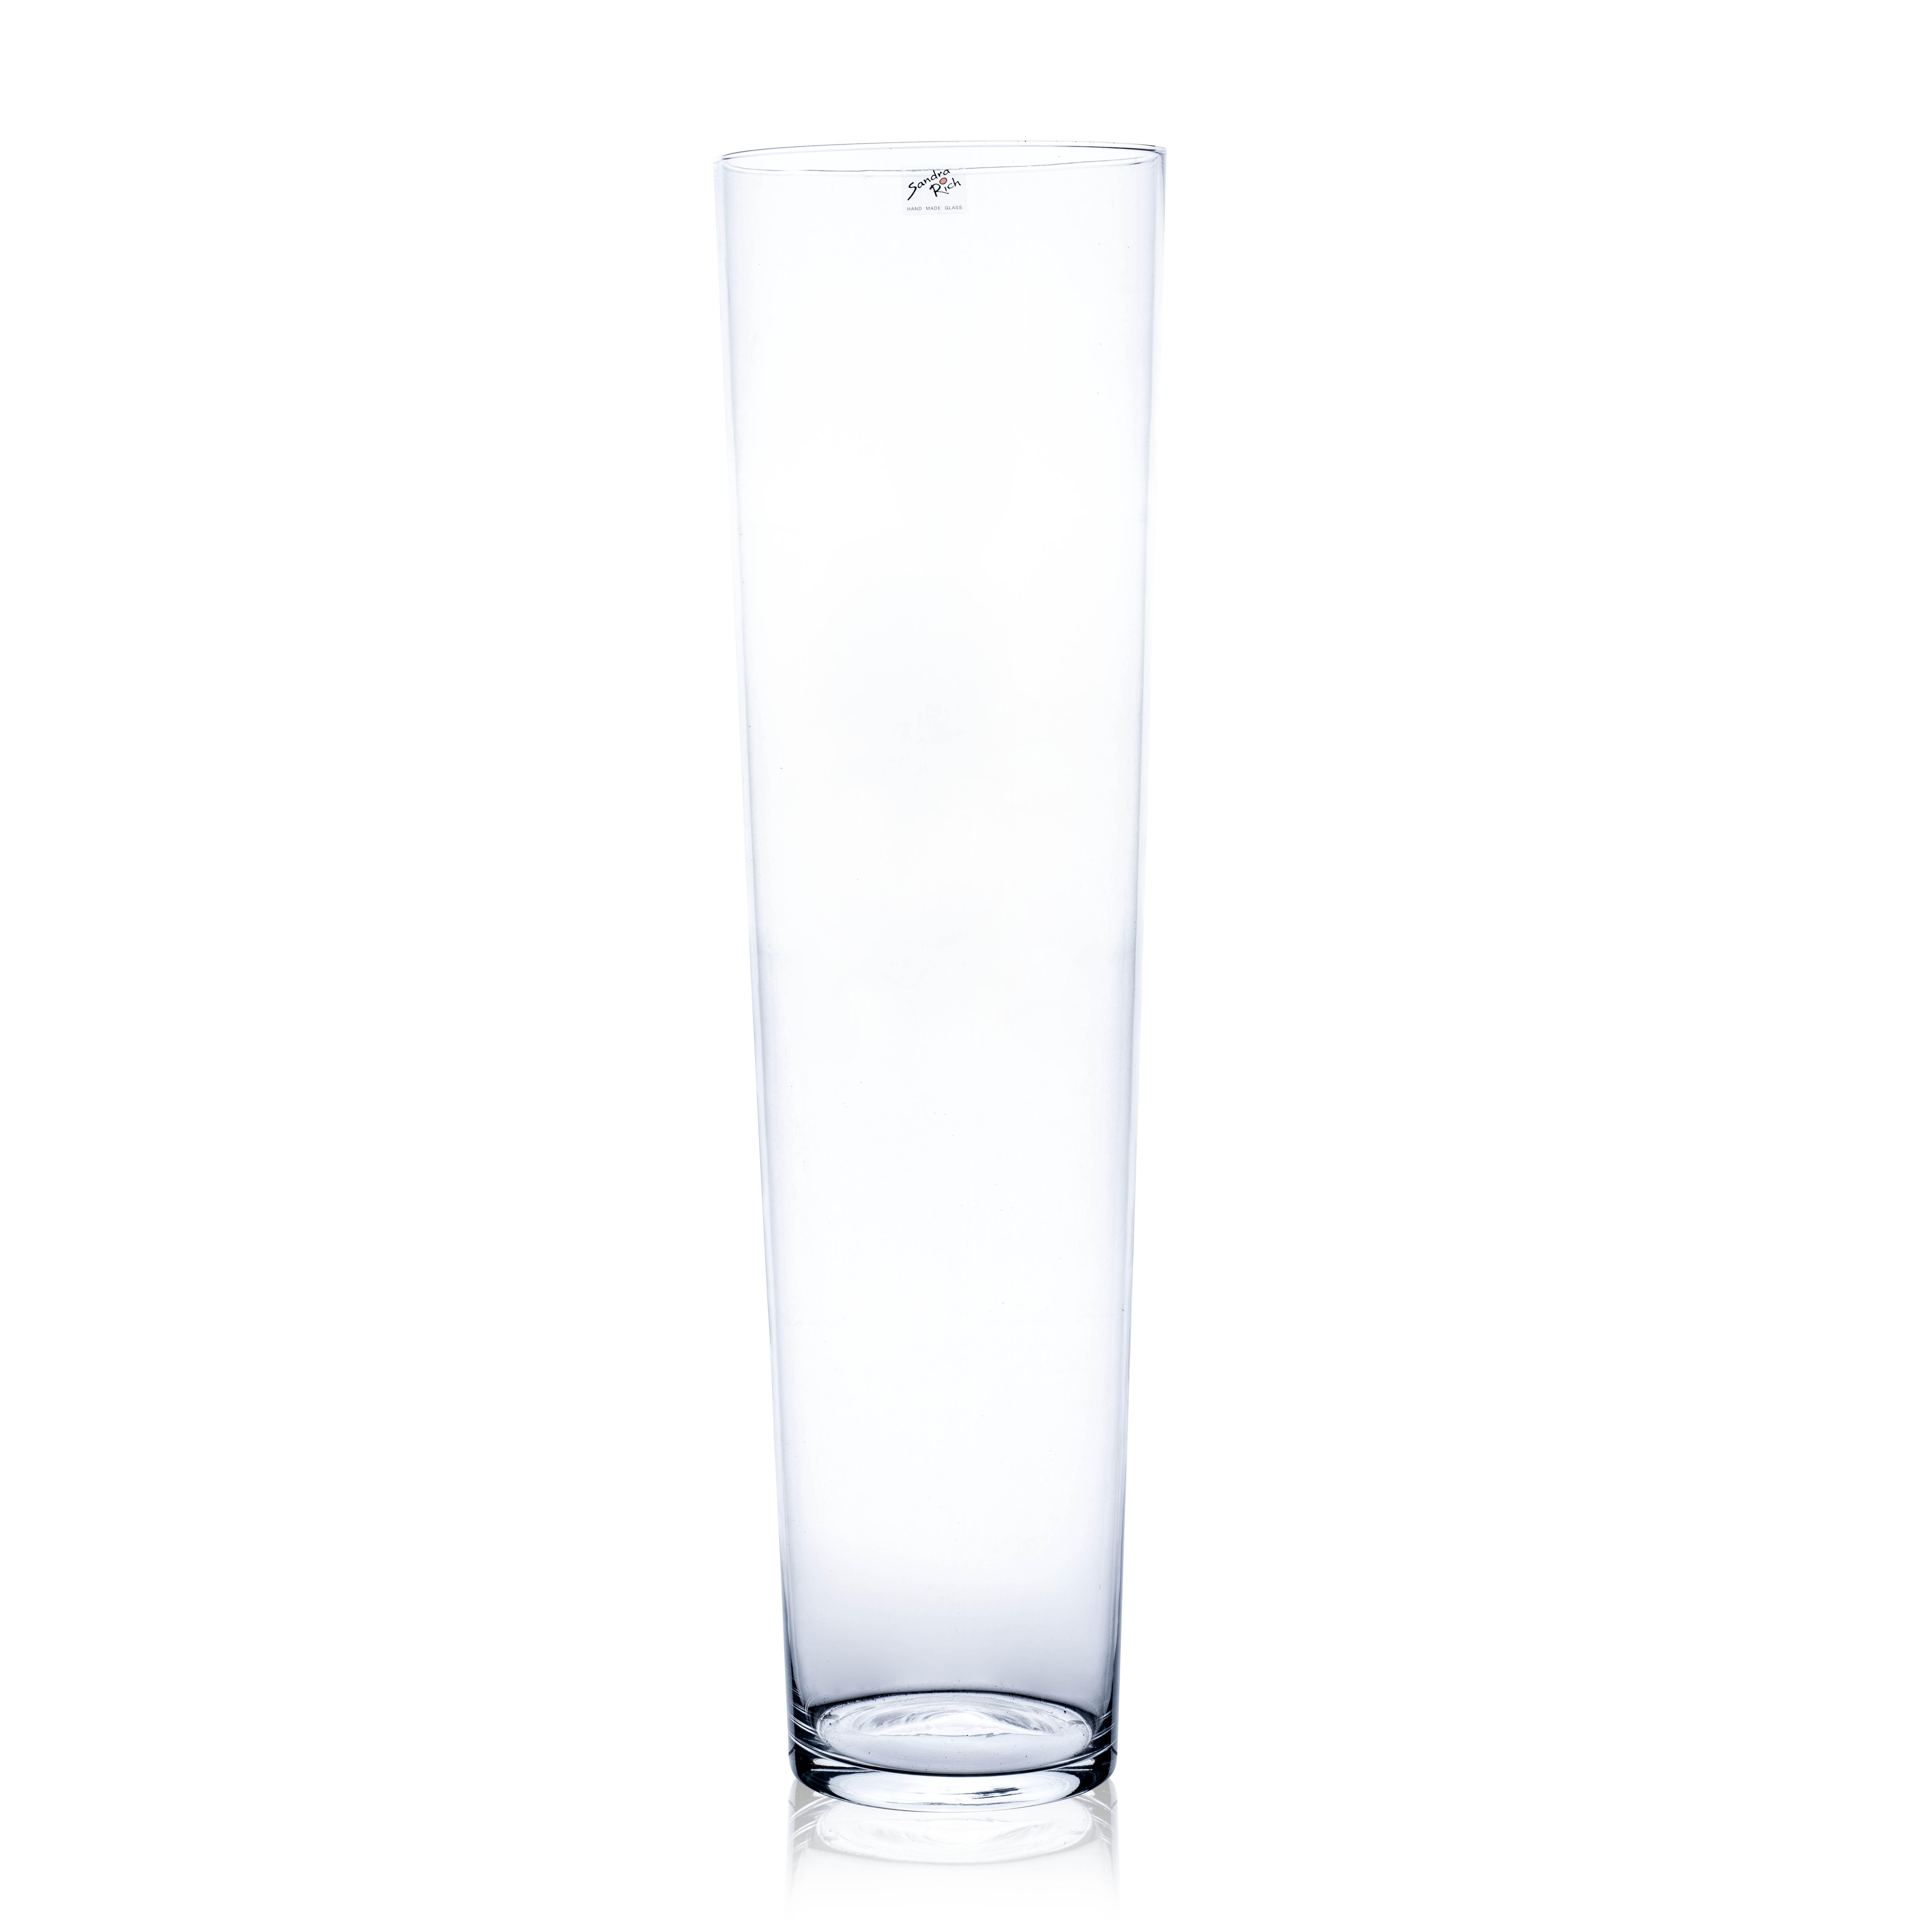 Vase 'Conical' H70cm, D19cm, Ve. 1 Stk